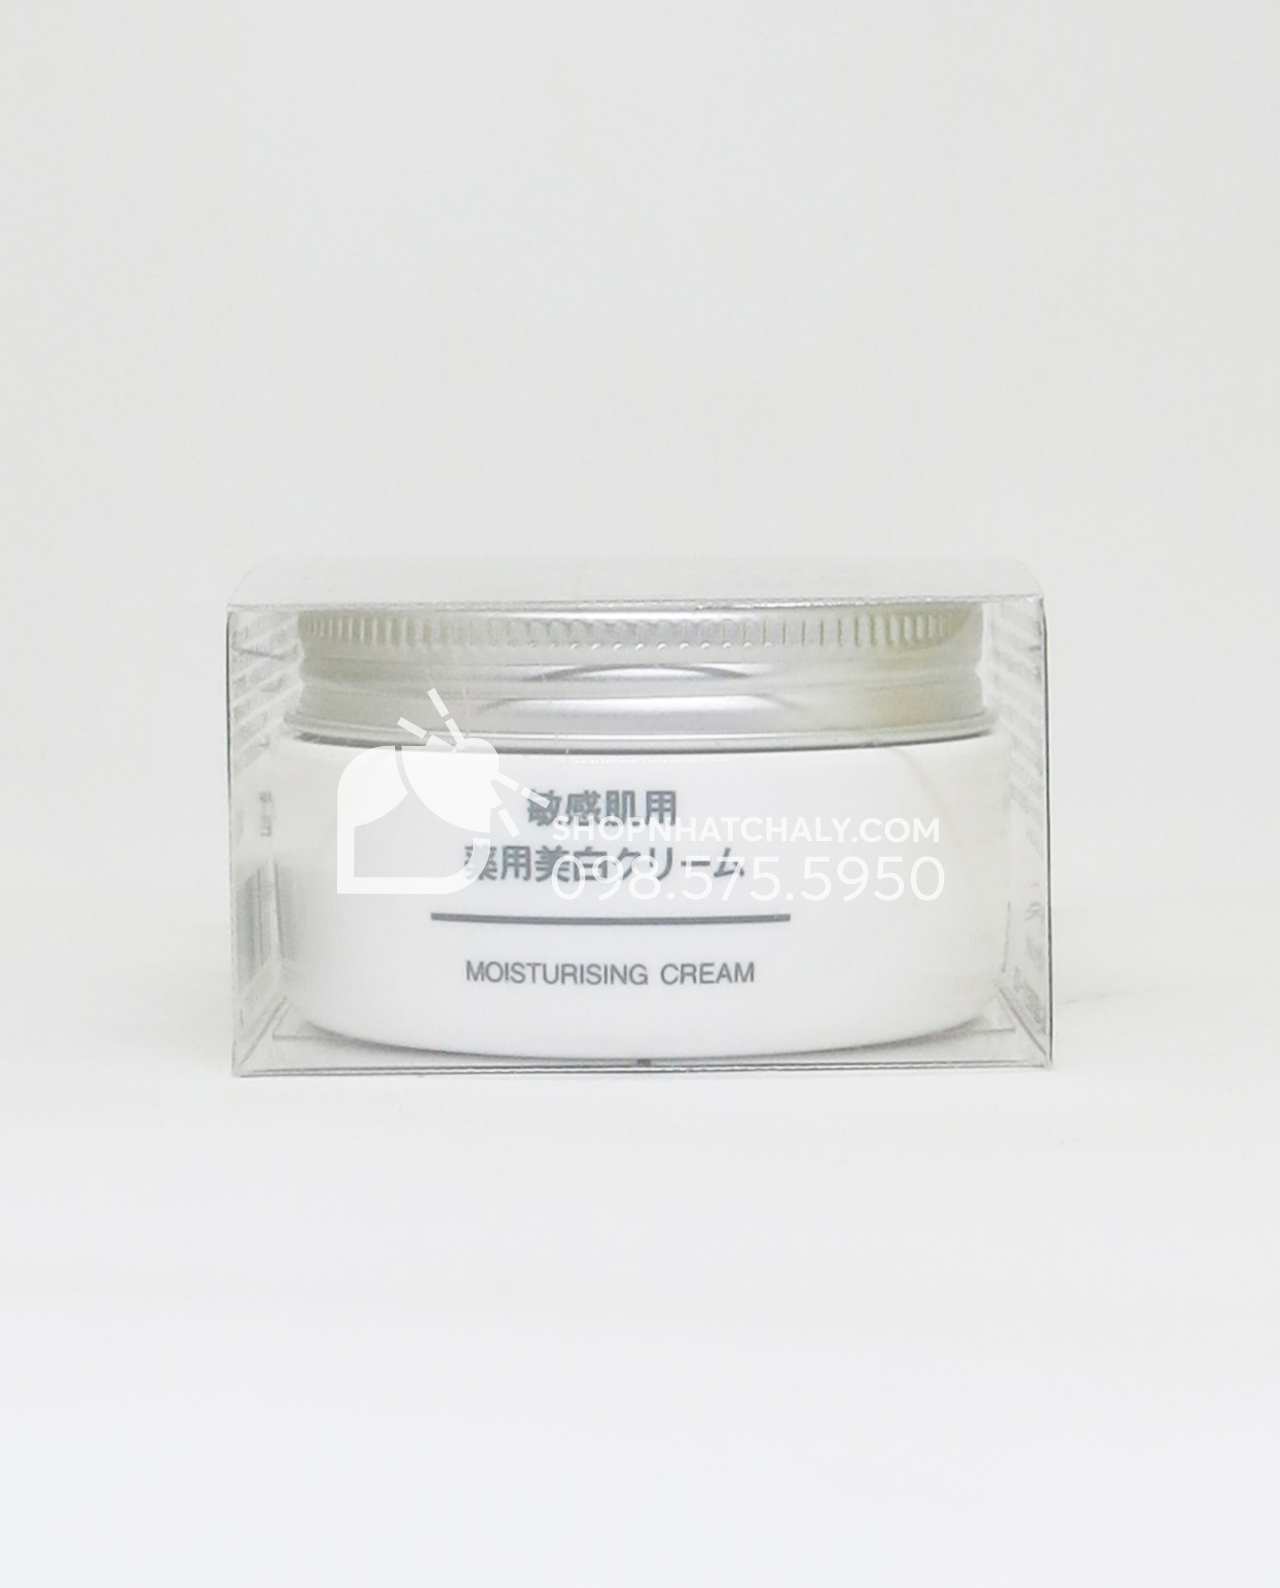 Kem dưỡng trắng cho da nhạy cảm Muji Moisturising Cream Nhật Bản